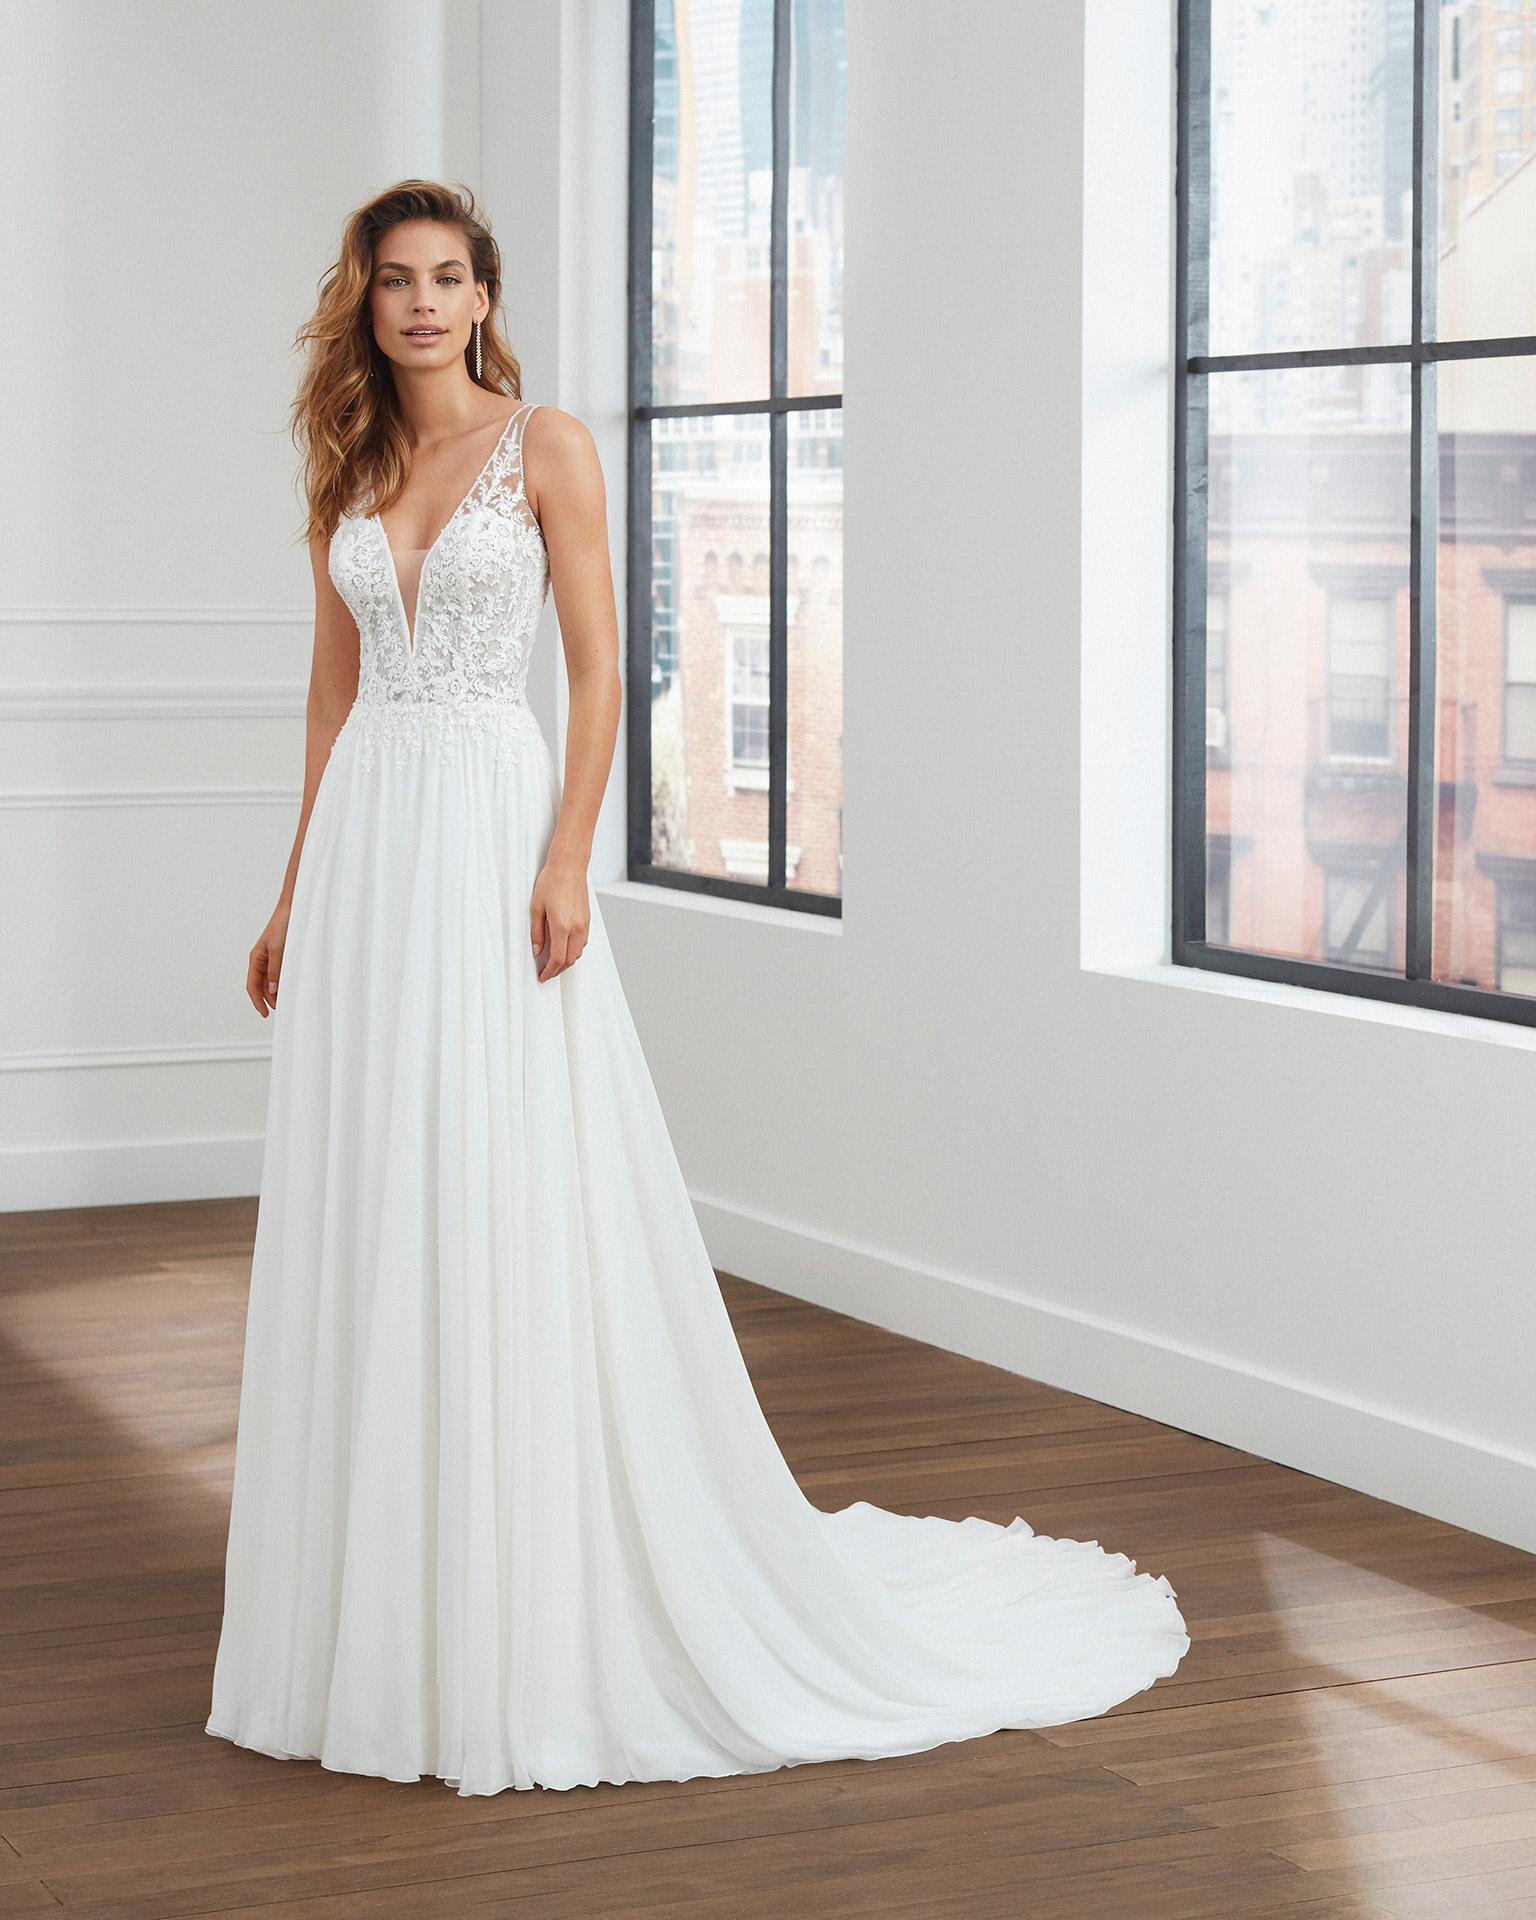 Vestido de novia ligero de voile piel de ángel y e          ncaje con escote deep-plunge y espalda con transparencia. Colección  2020.